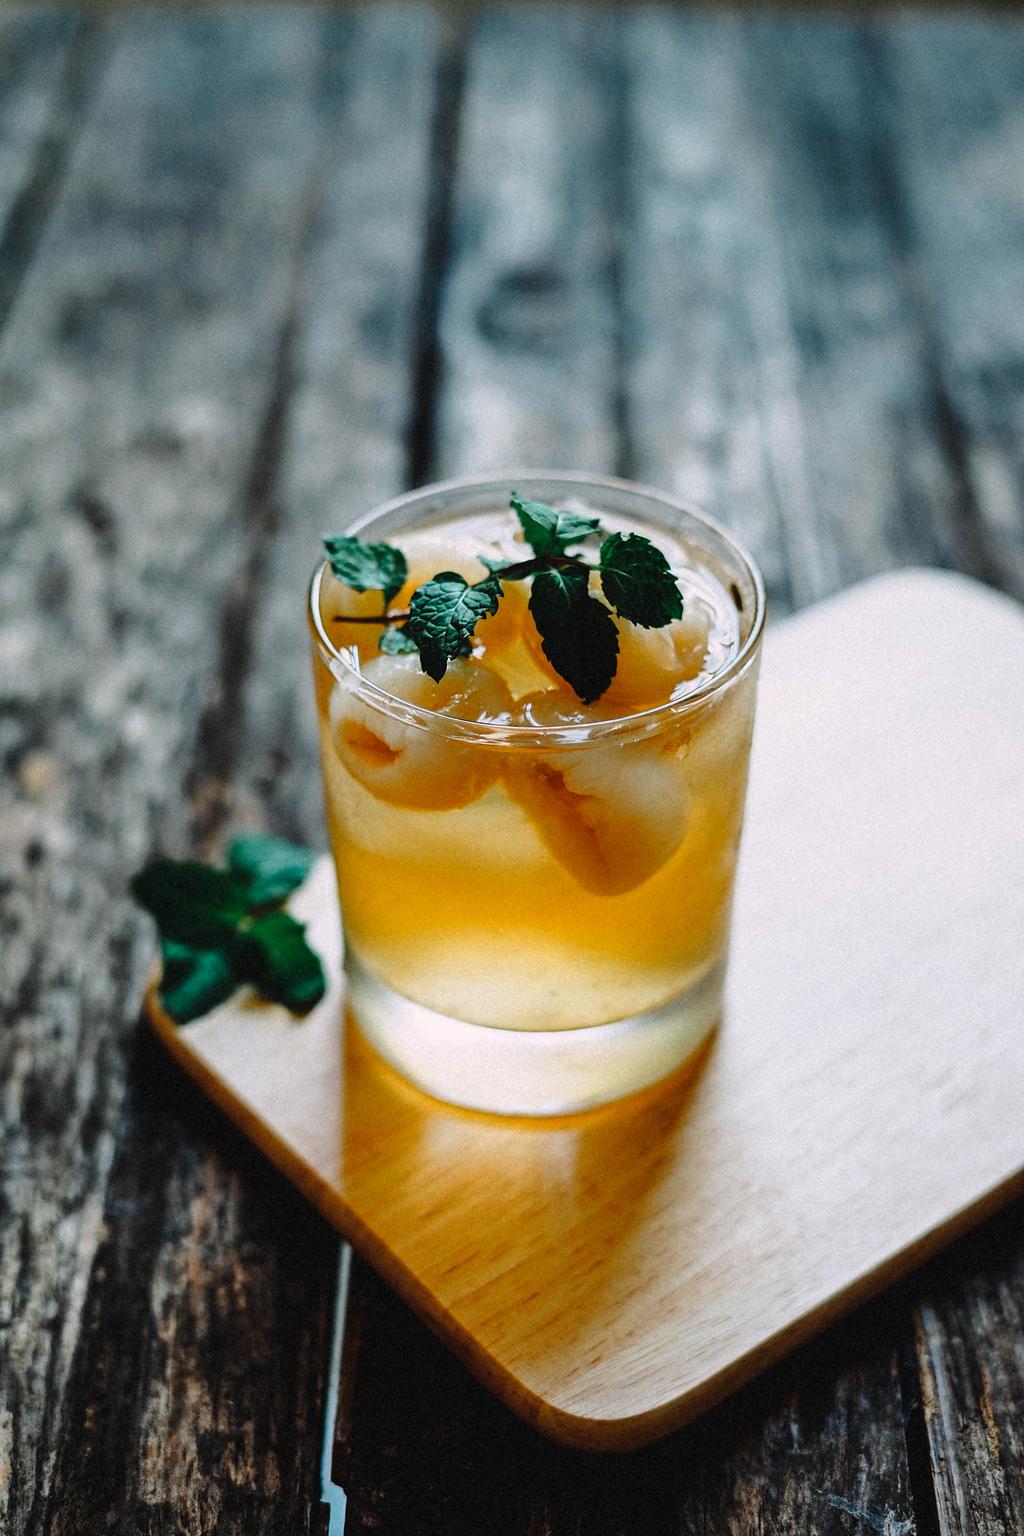 在棕色的杯垫上用透明的玻璃玻璃顶部覆盖绿色叶子